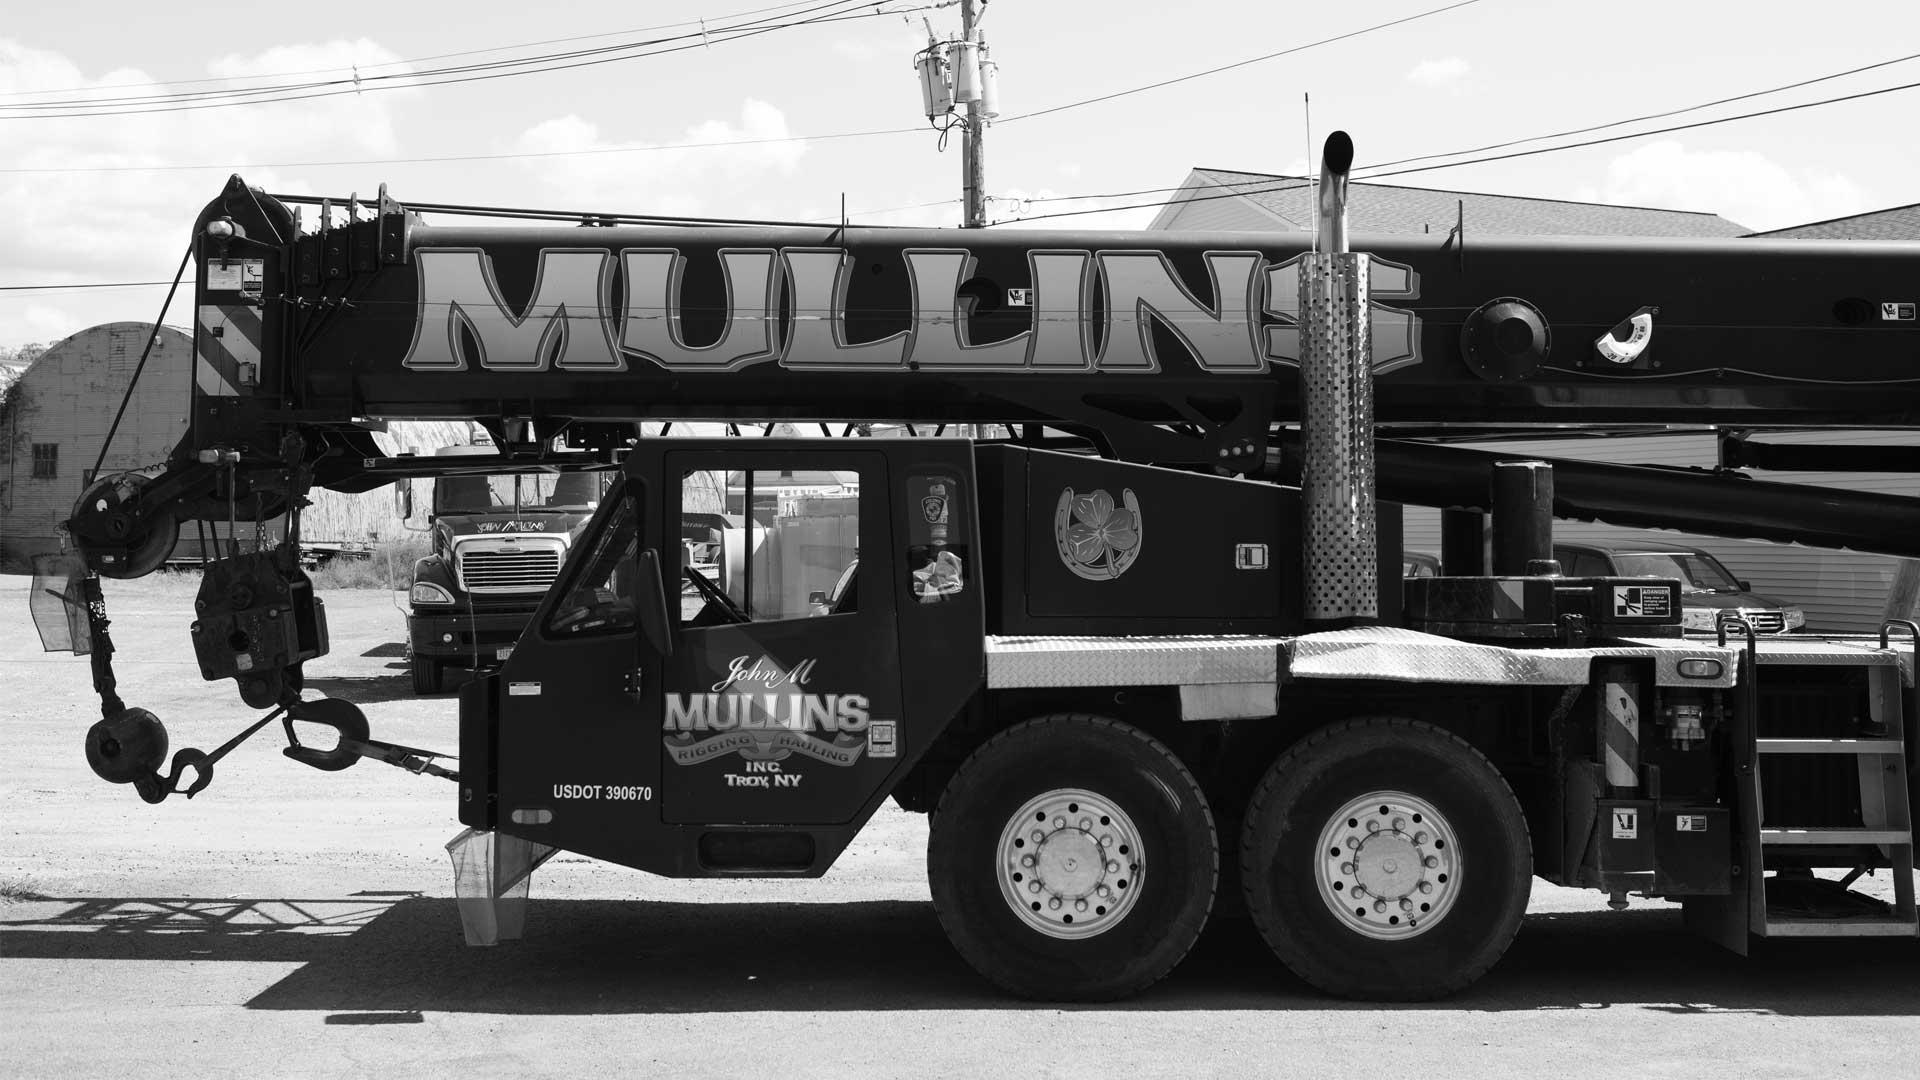 Mullins Rigging